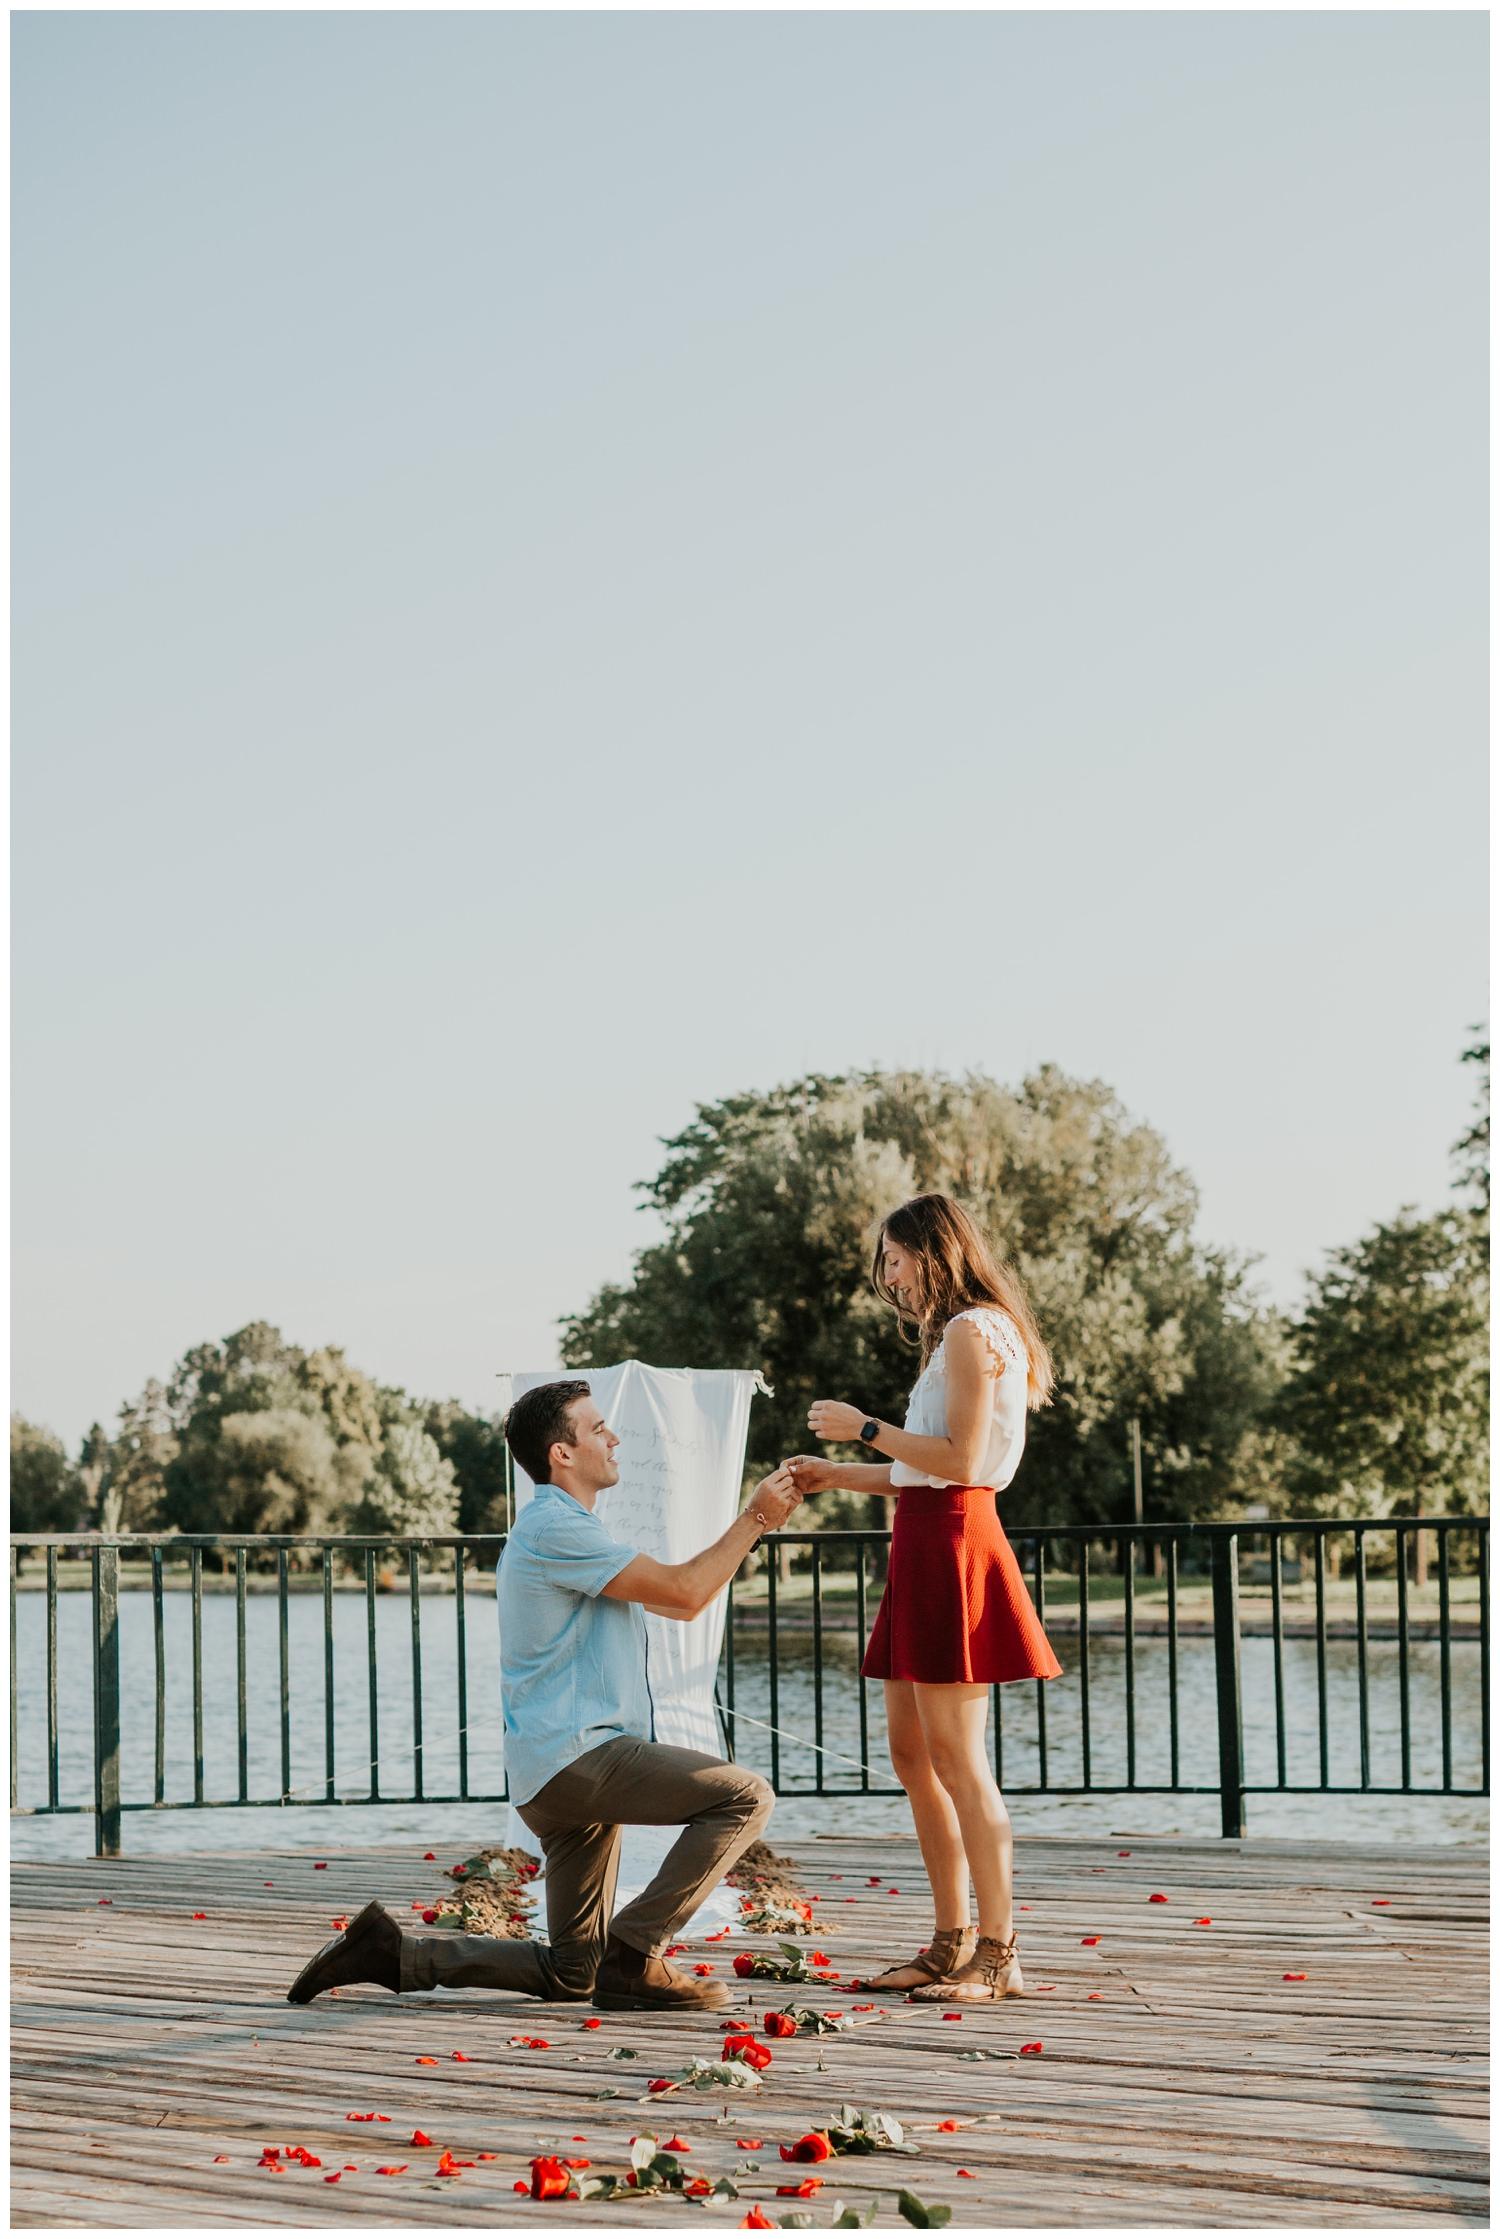 MatthewLaurel-WashPark-Engagement_0003.jpg